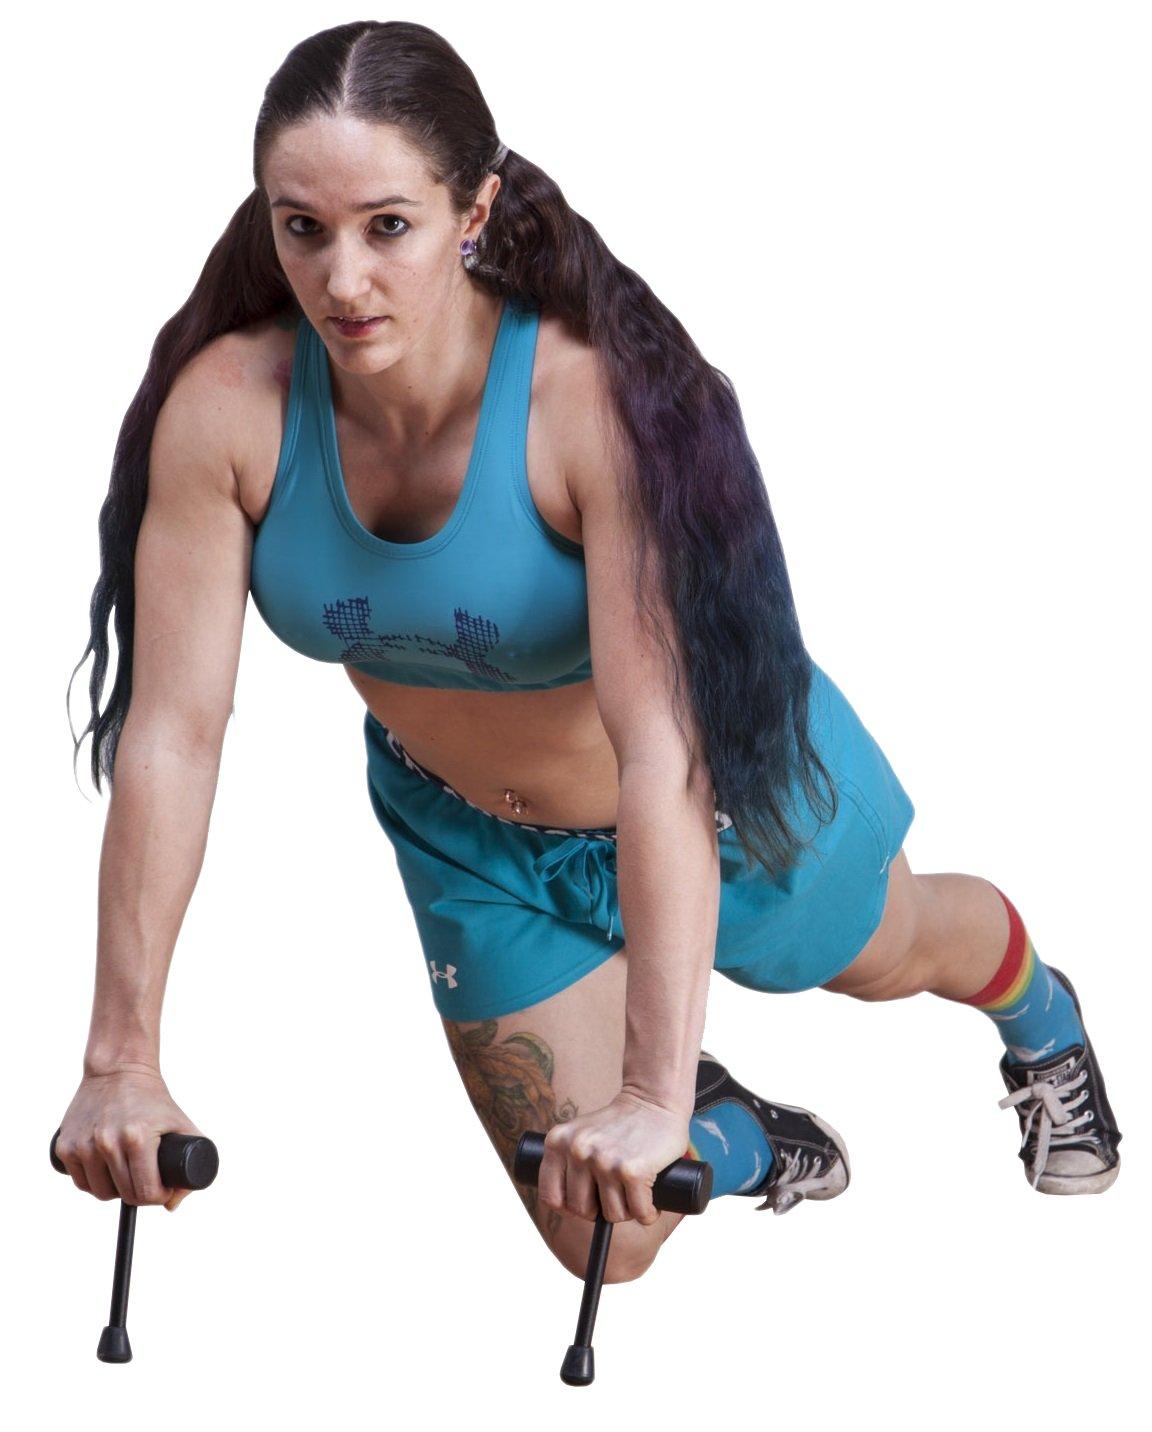 OFGアイソメPush Up Bar Fitness Exerciseとエクササイズ機器、テクスチャとブラックパウダーコーティング Advanced